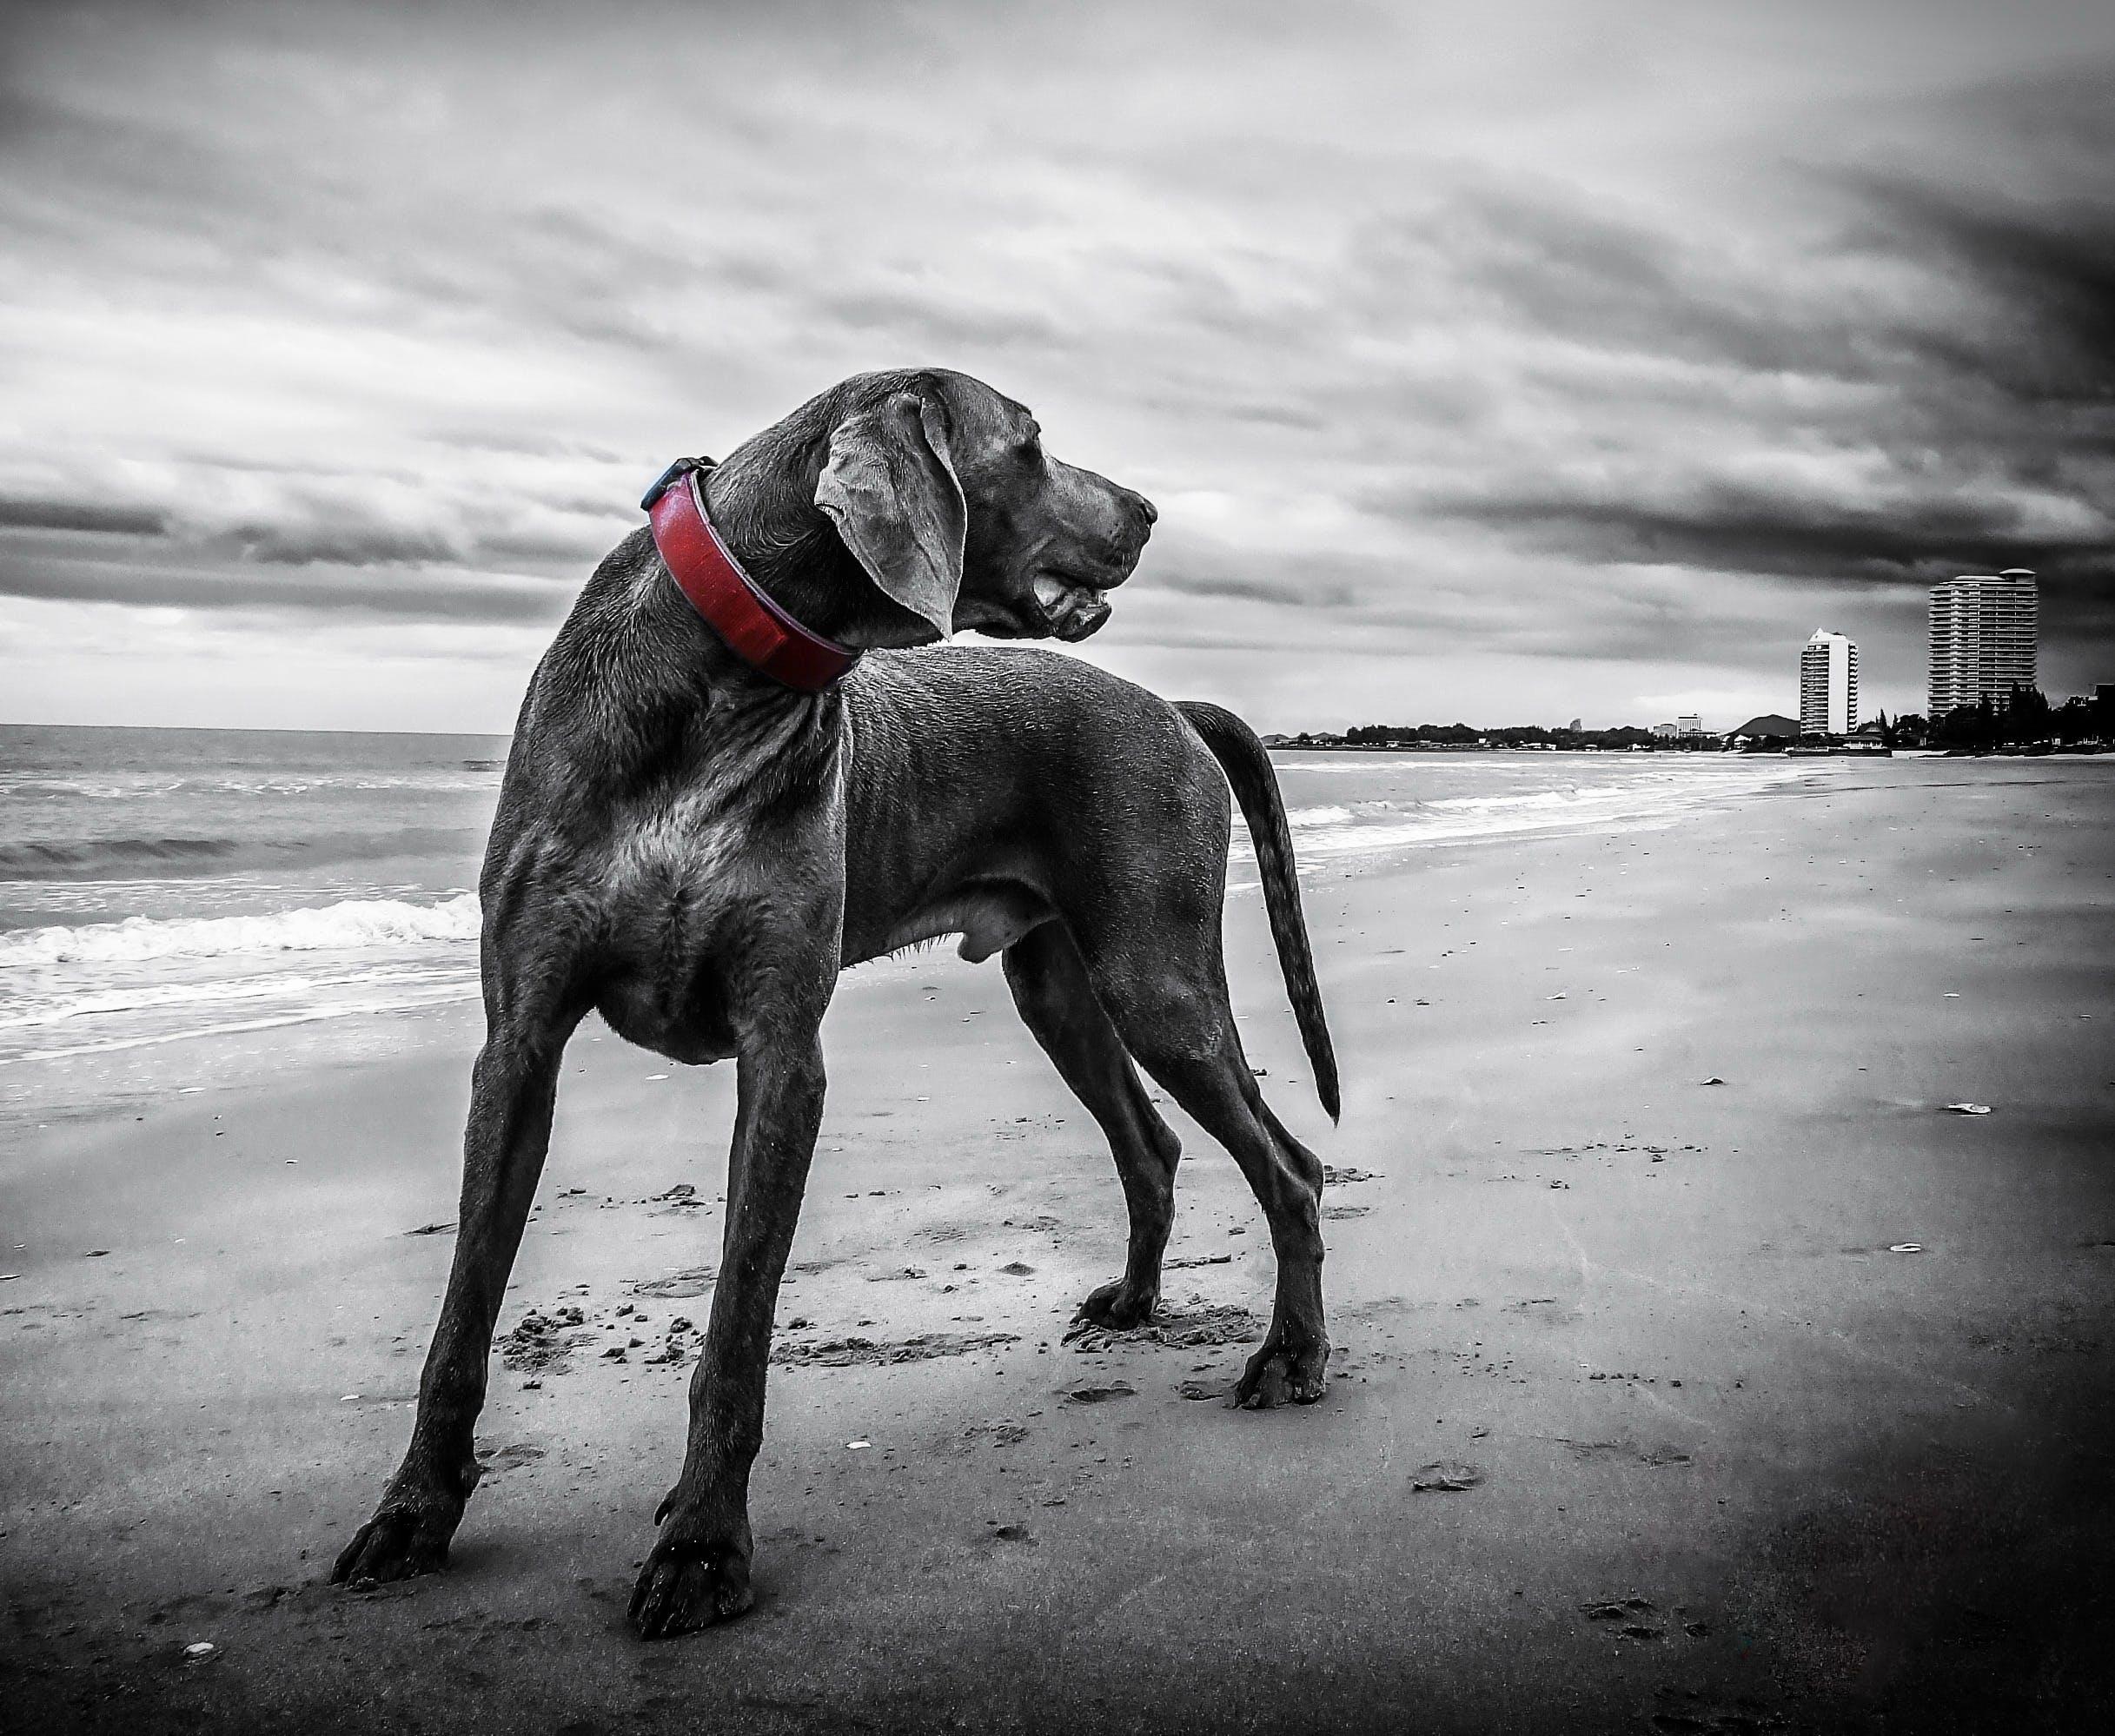 Gray Short Coated Medium Sized Dog